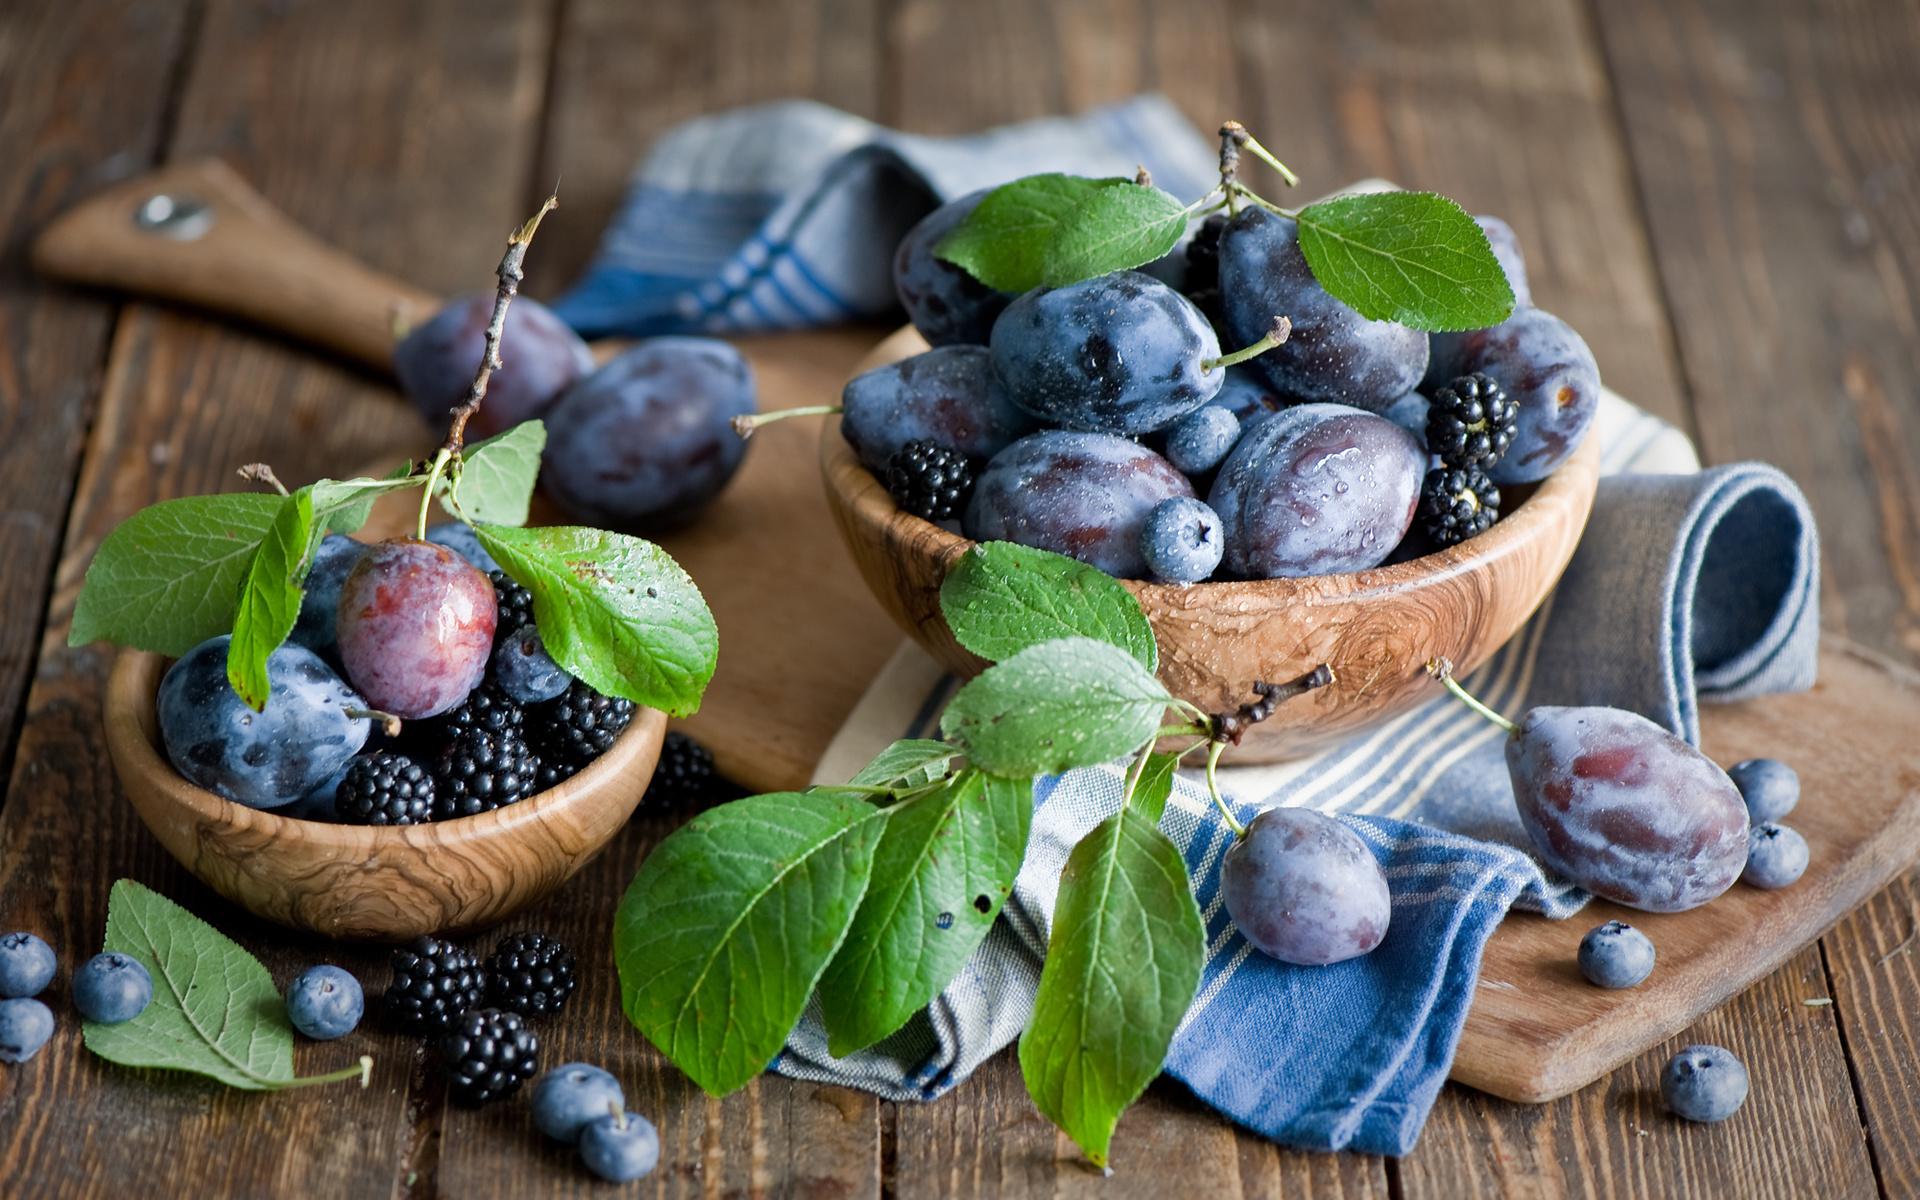 листья, фрукты, ежевика, доска, Сливы, черника, ягоды